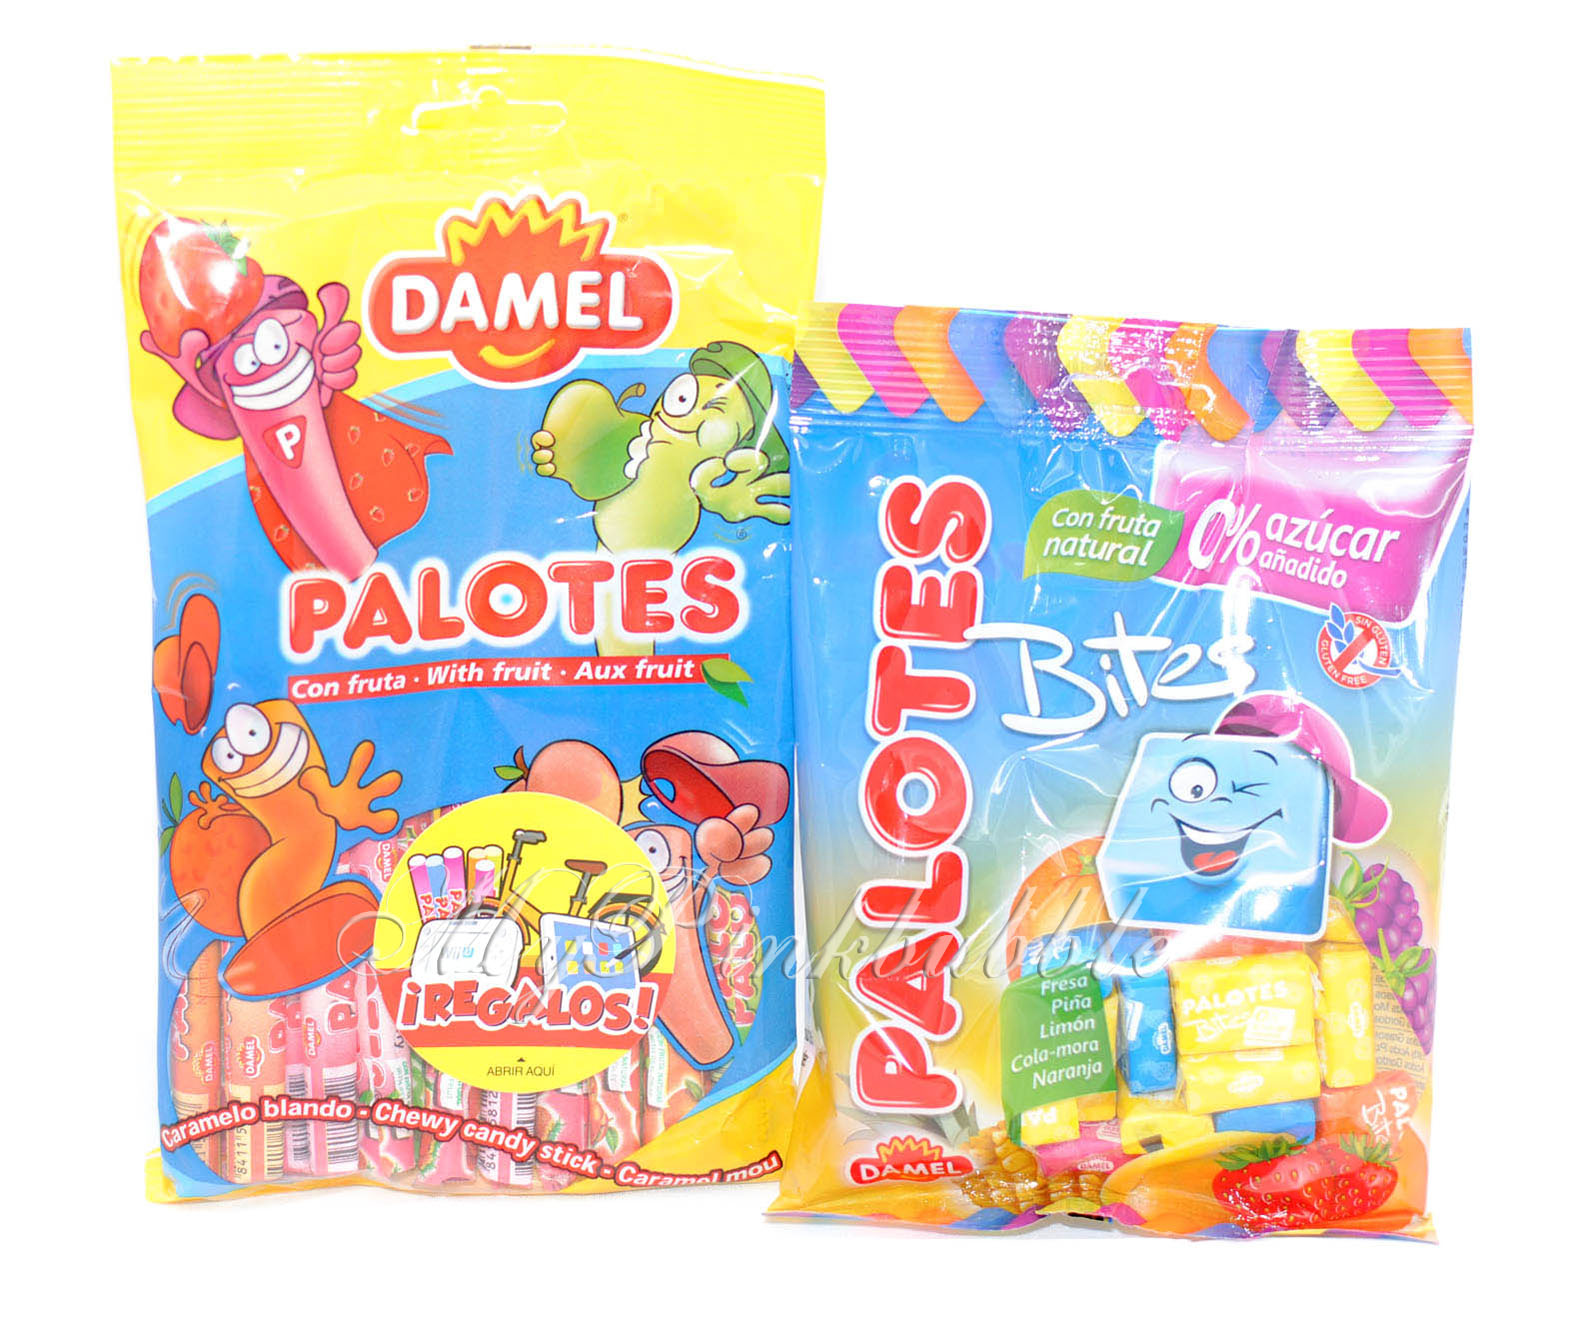 Damel Palotes